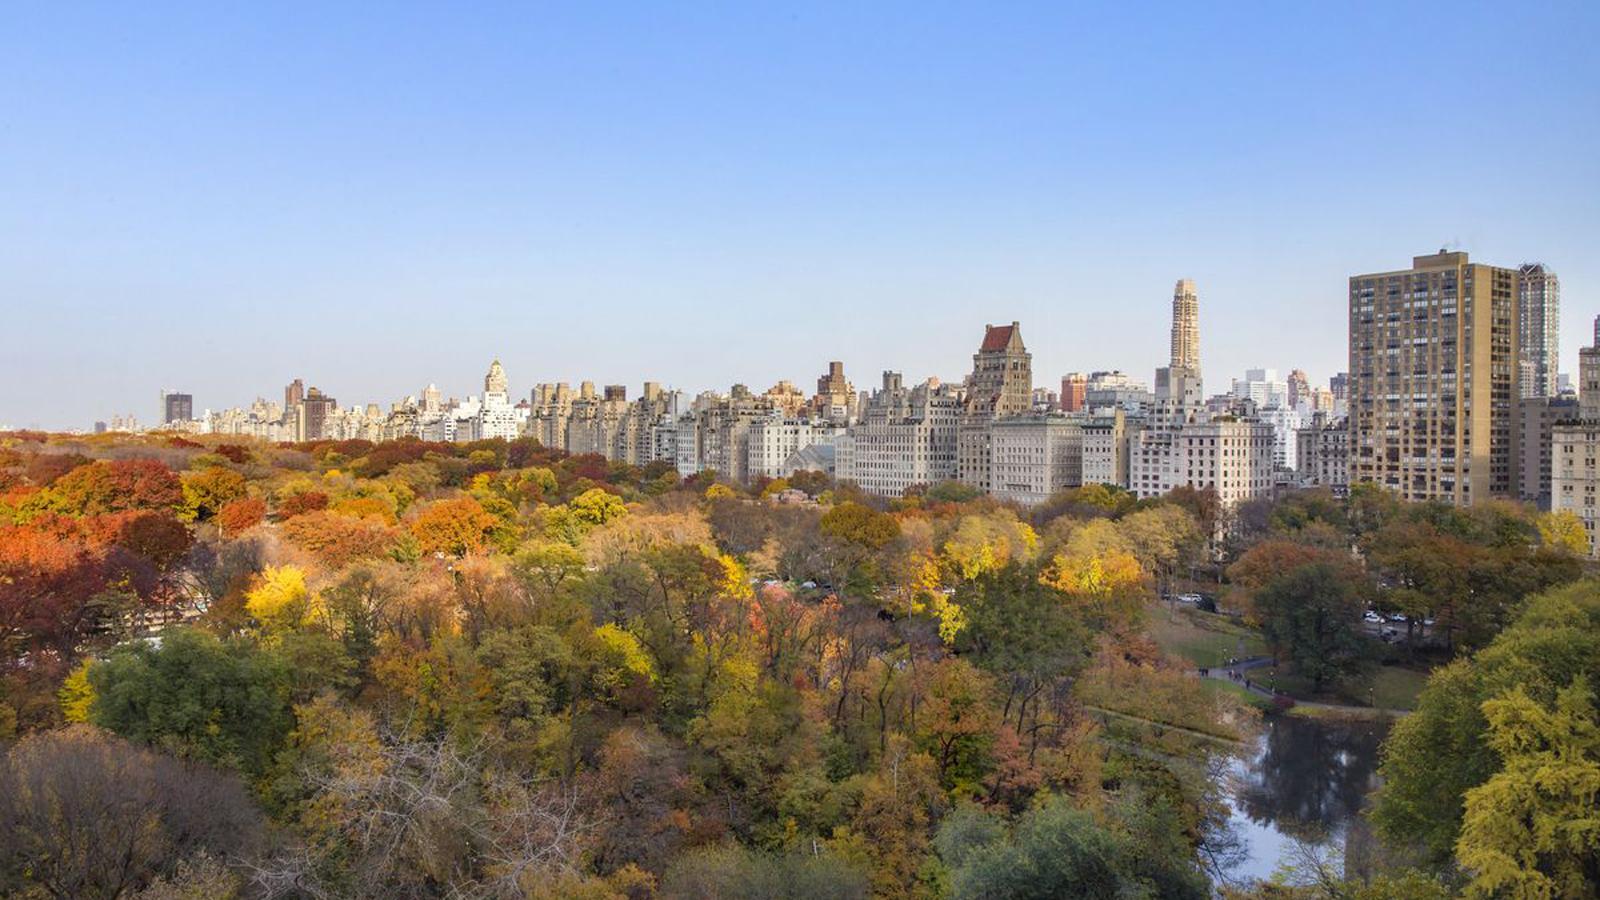 Trump Parc East, 100 Central Park South